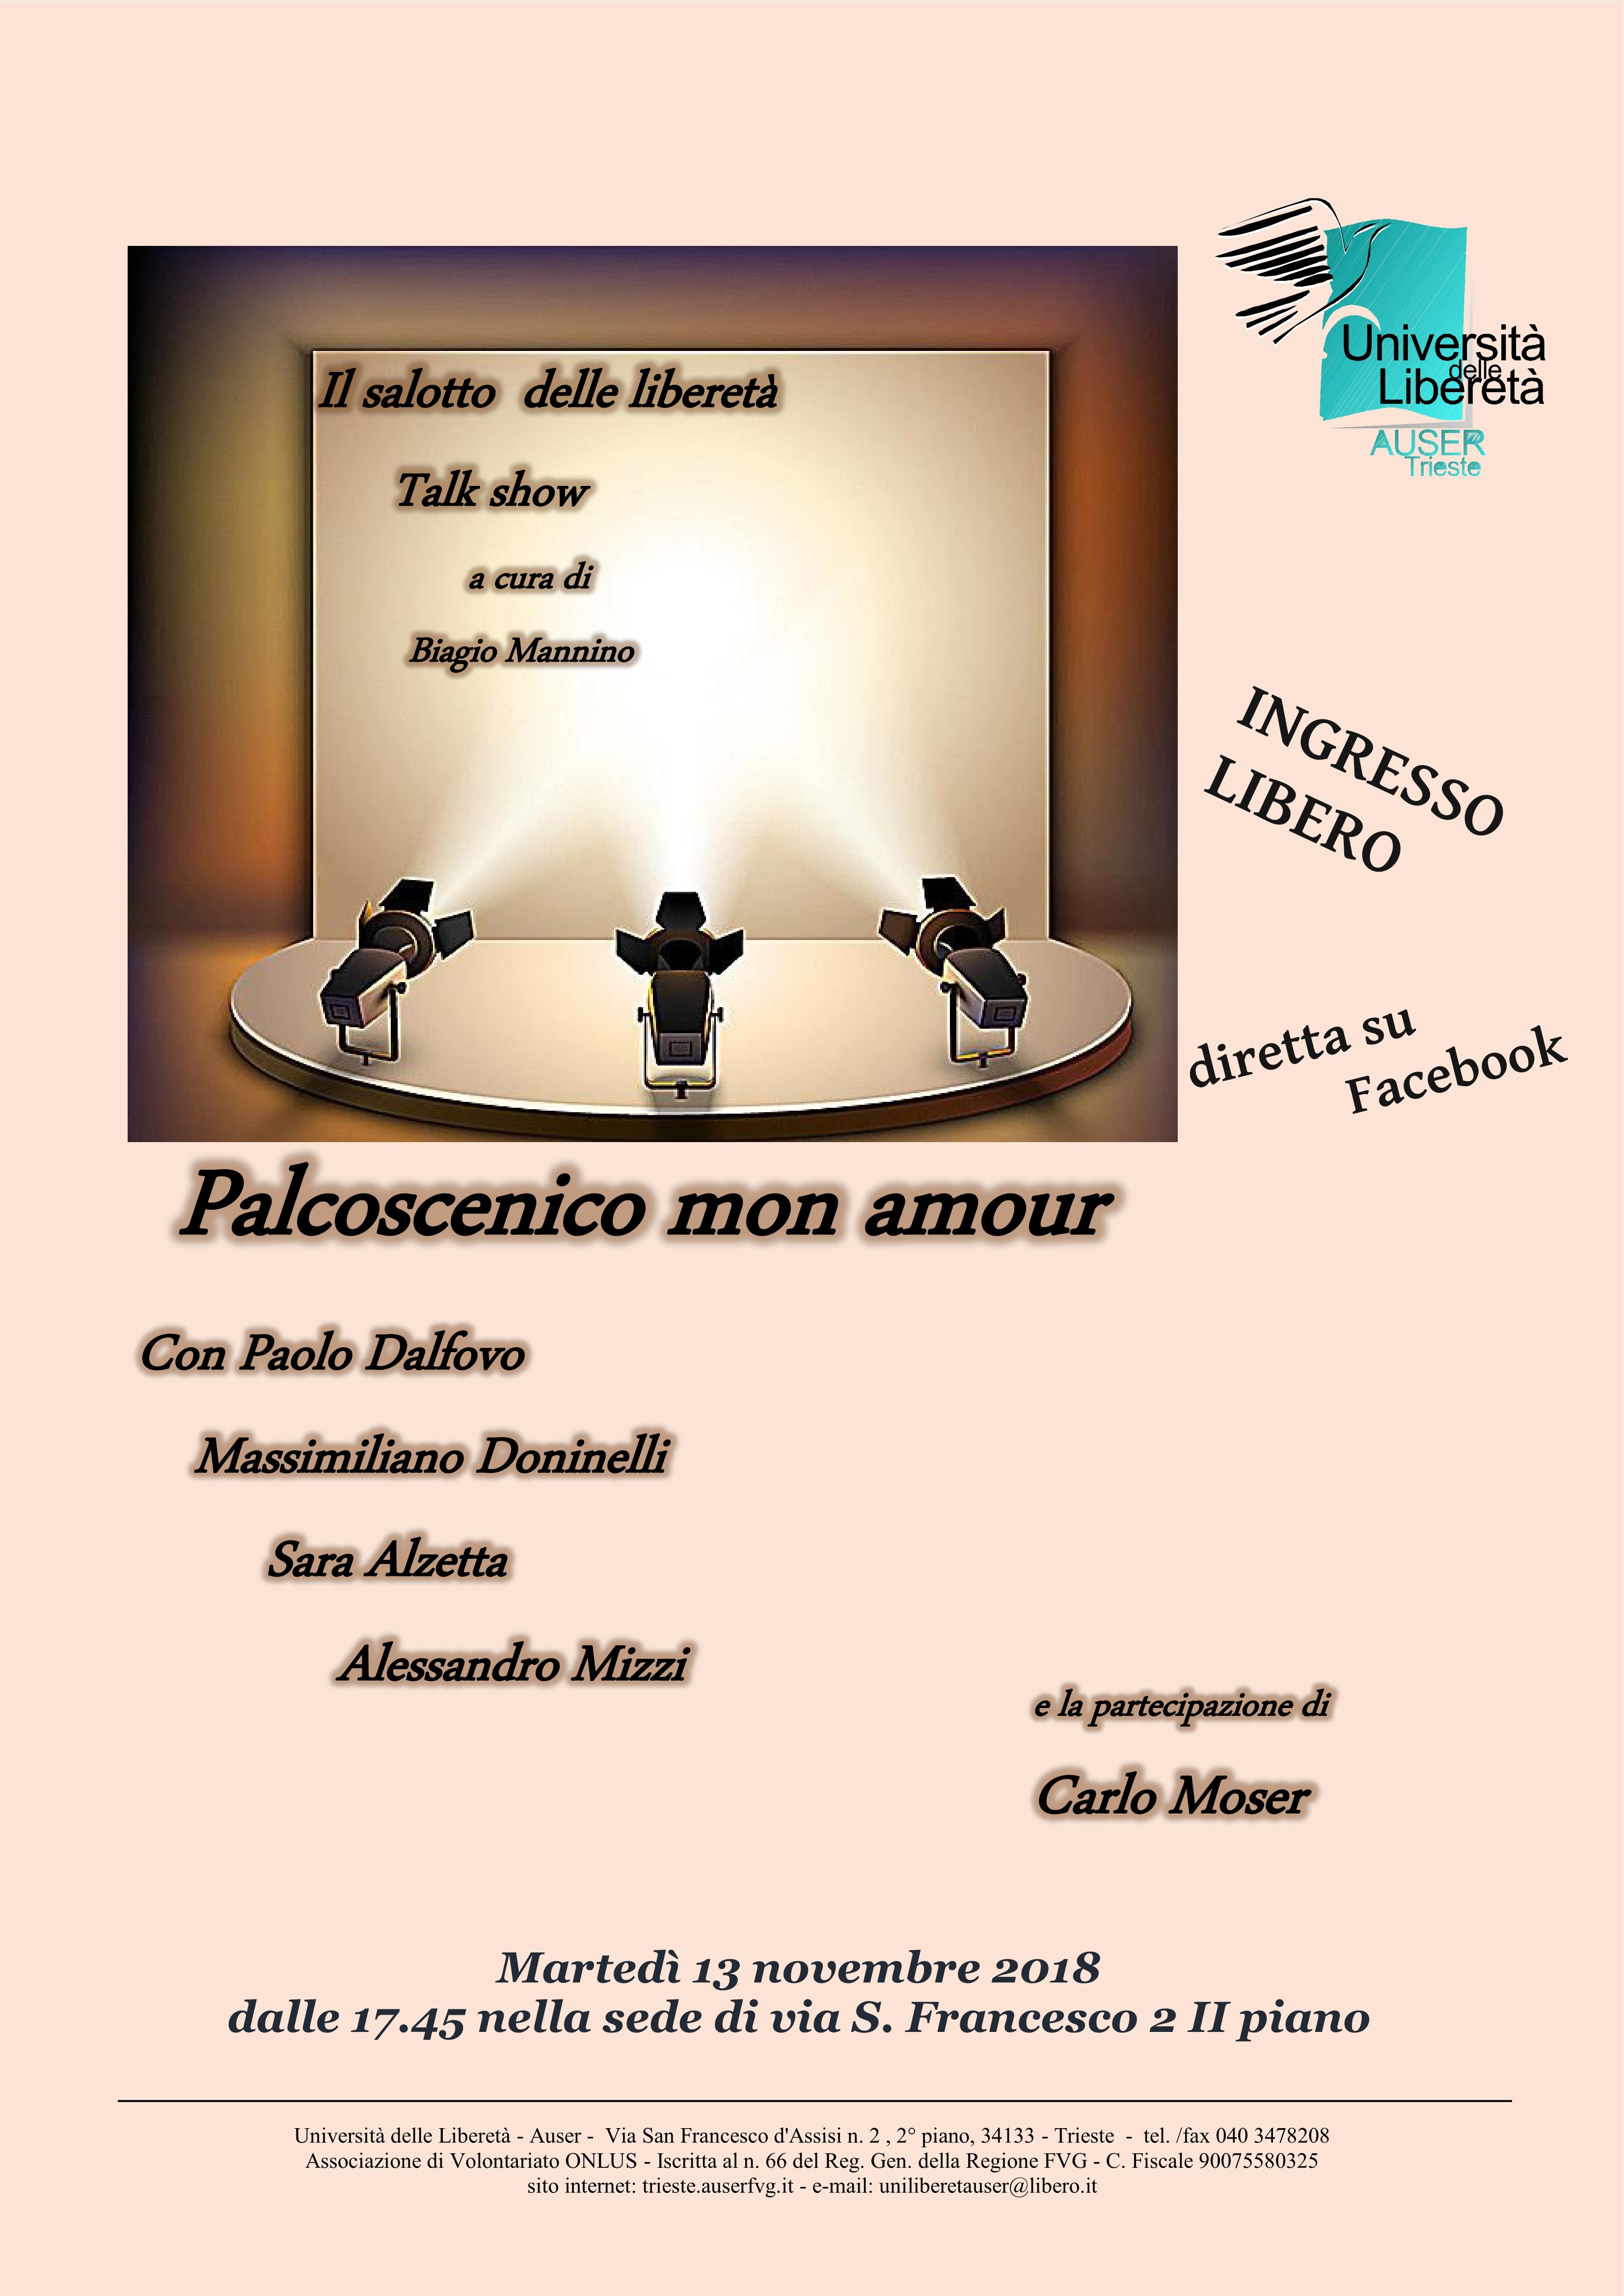 Il salotto delle liberetà- Palcoscenico mon amour1